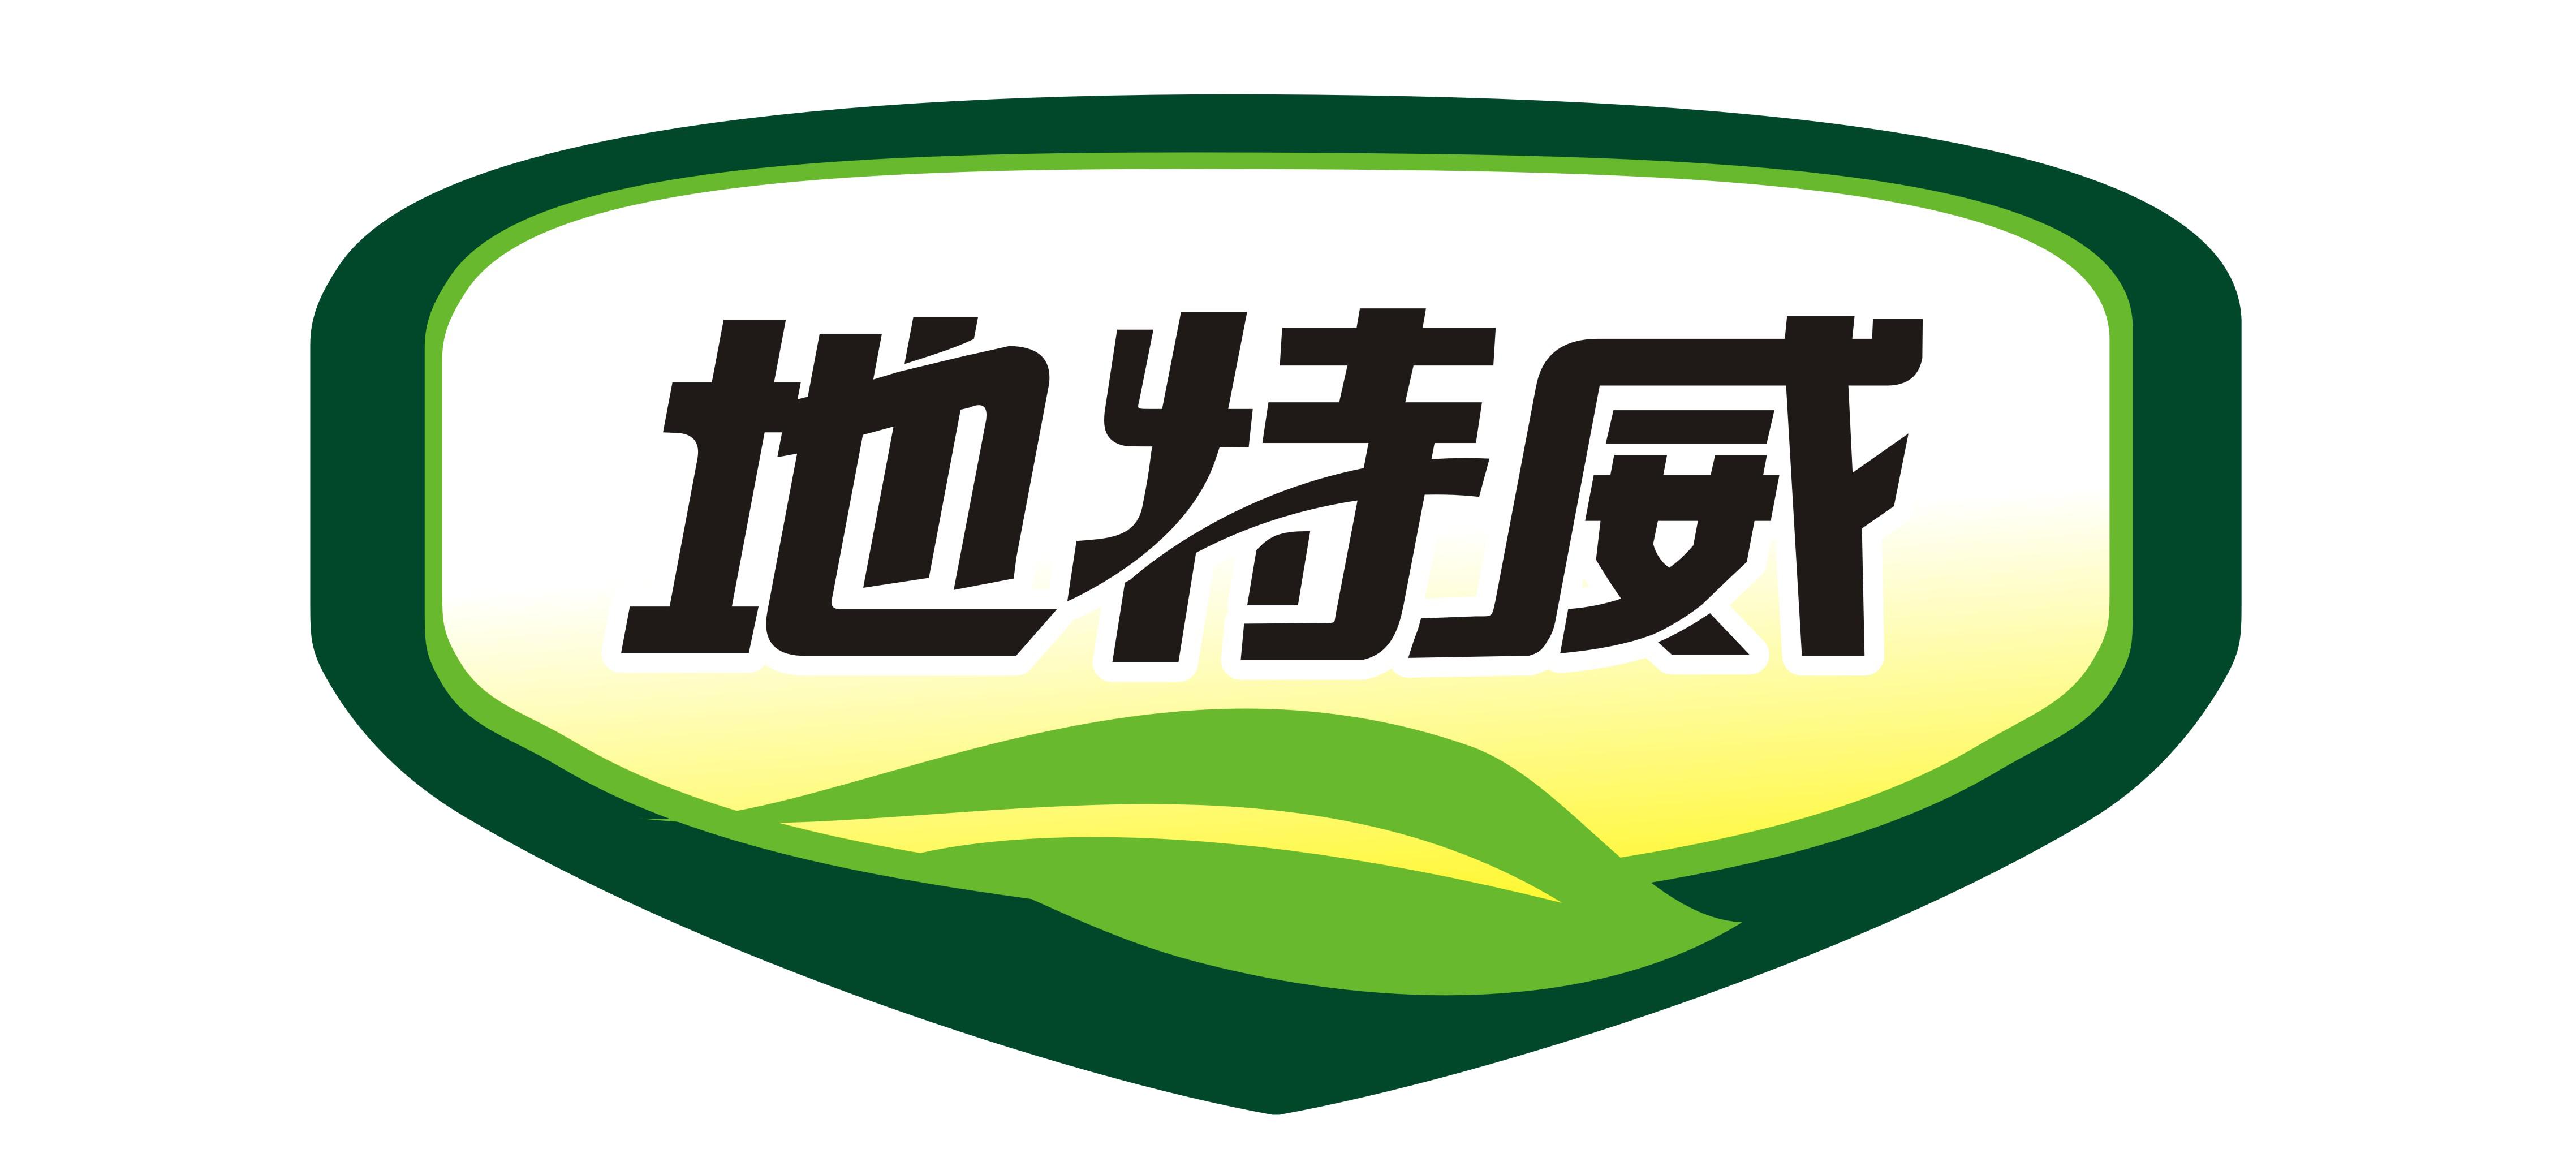 """地特威为V7薯种带来一抹温情的""""薯光"""""""